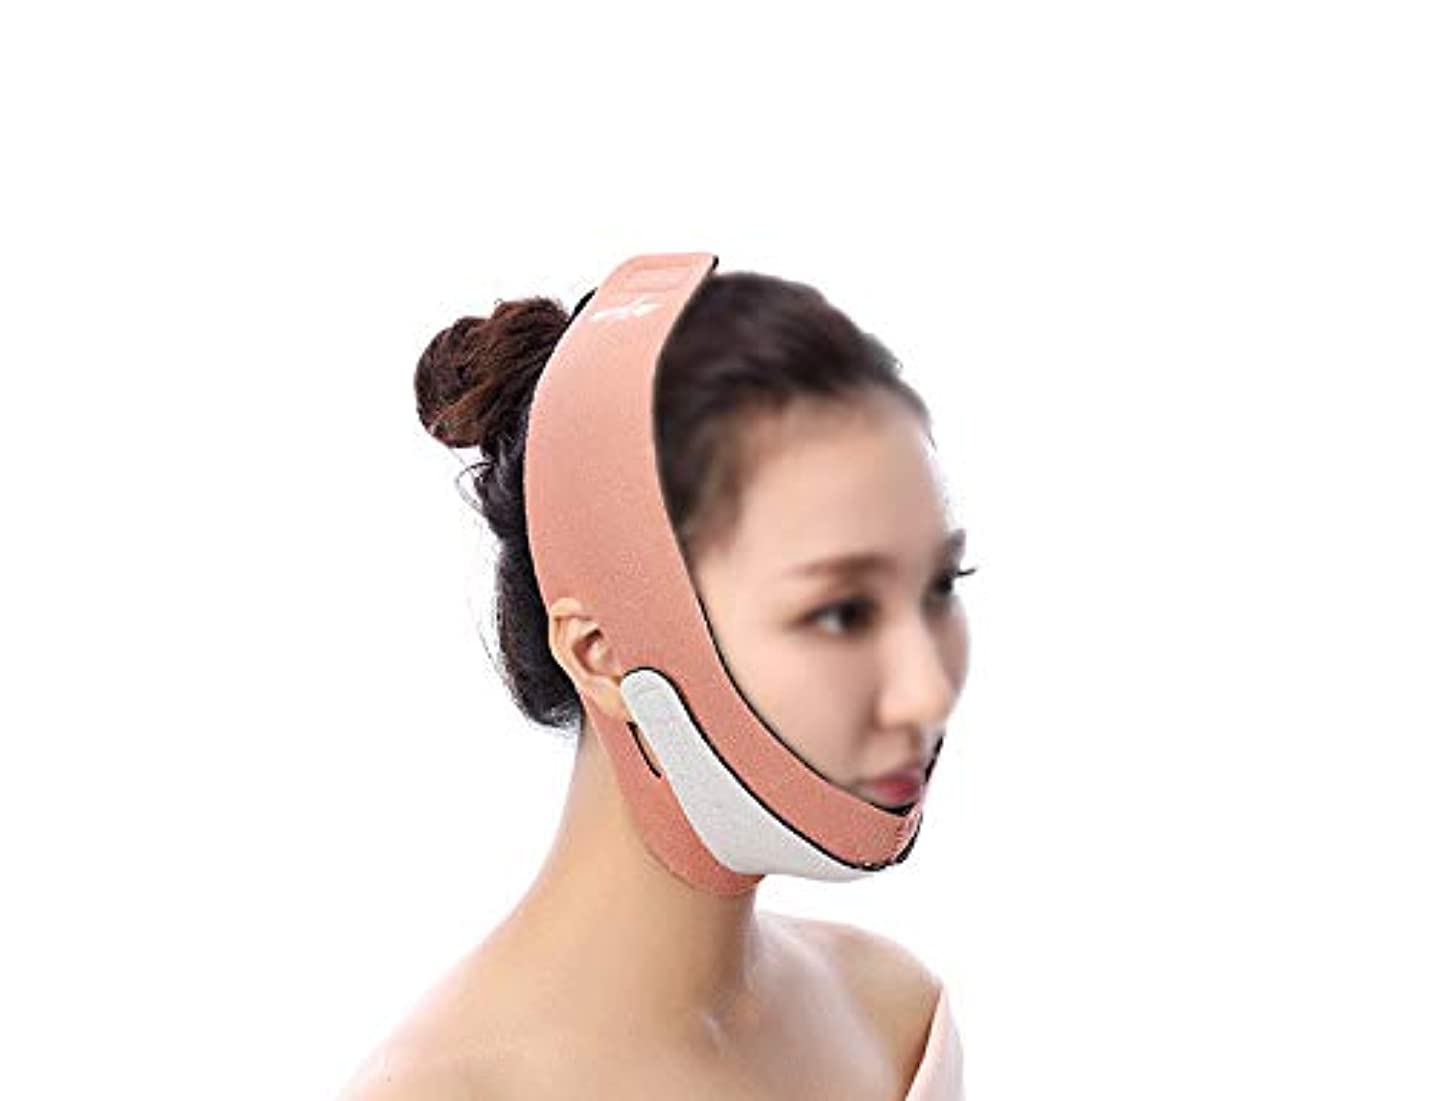 ぐったり乳下線ヘルスケアシンフェイスマスク痩身フェイシャルメッセンジャーダブルチン包帯ベルト